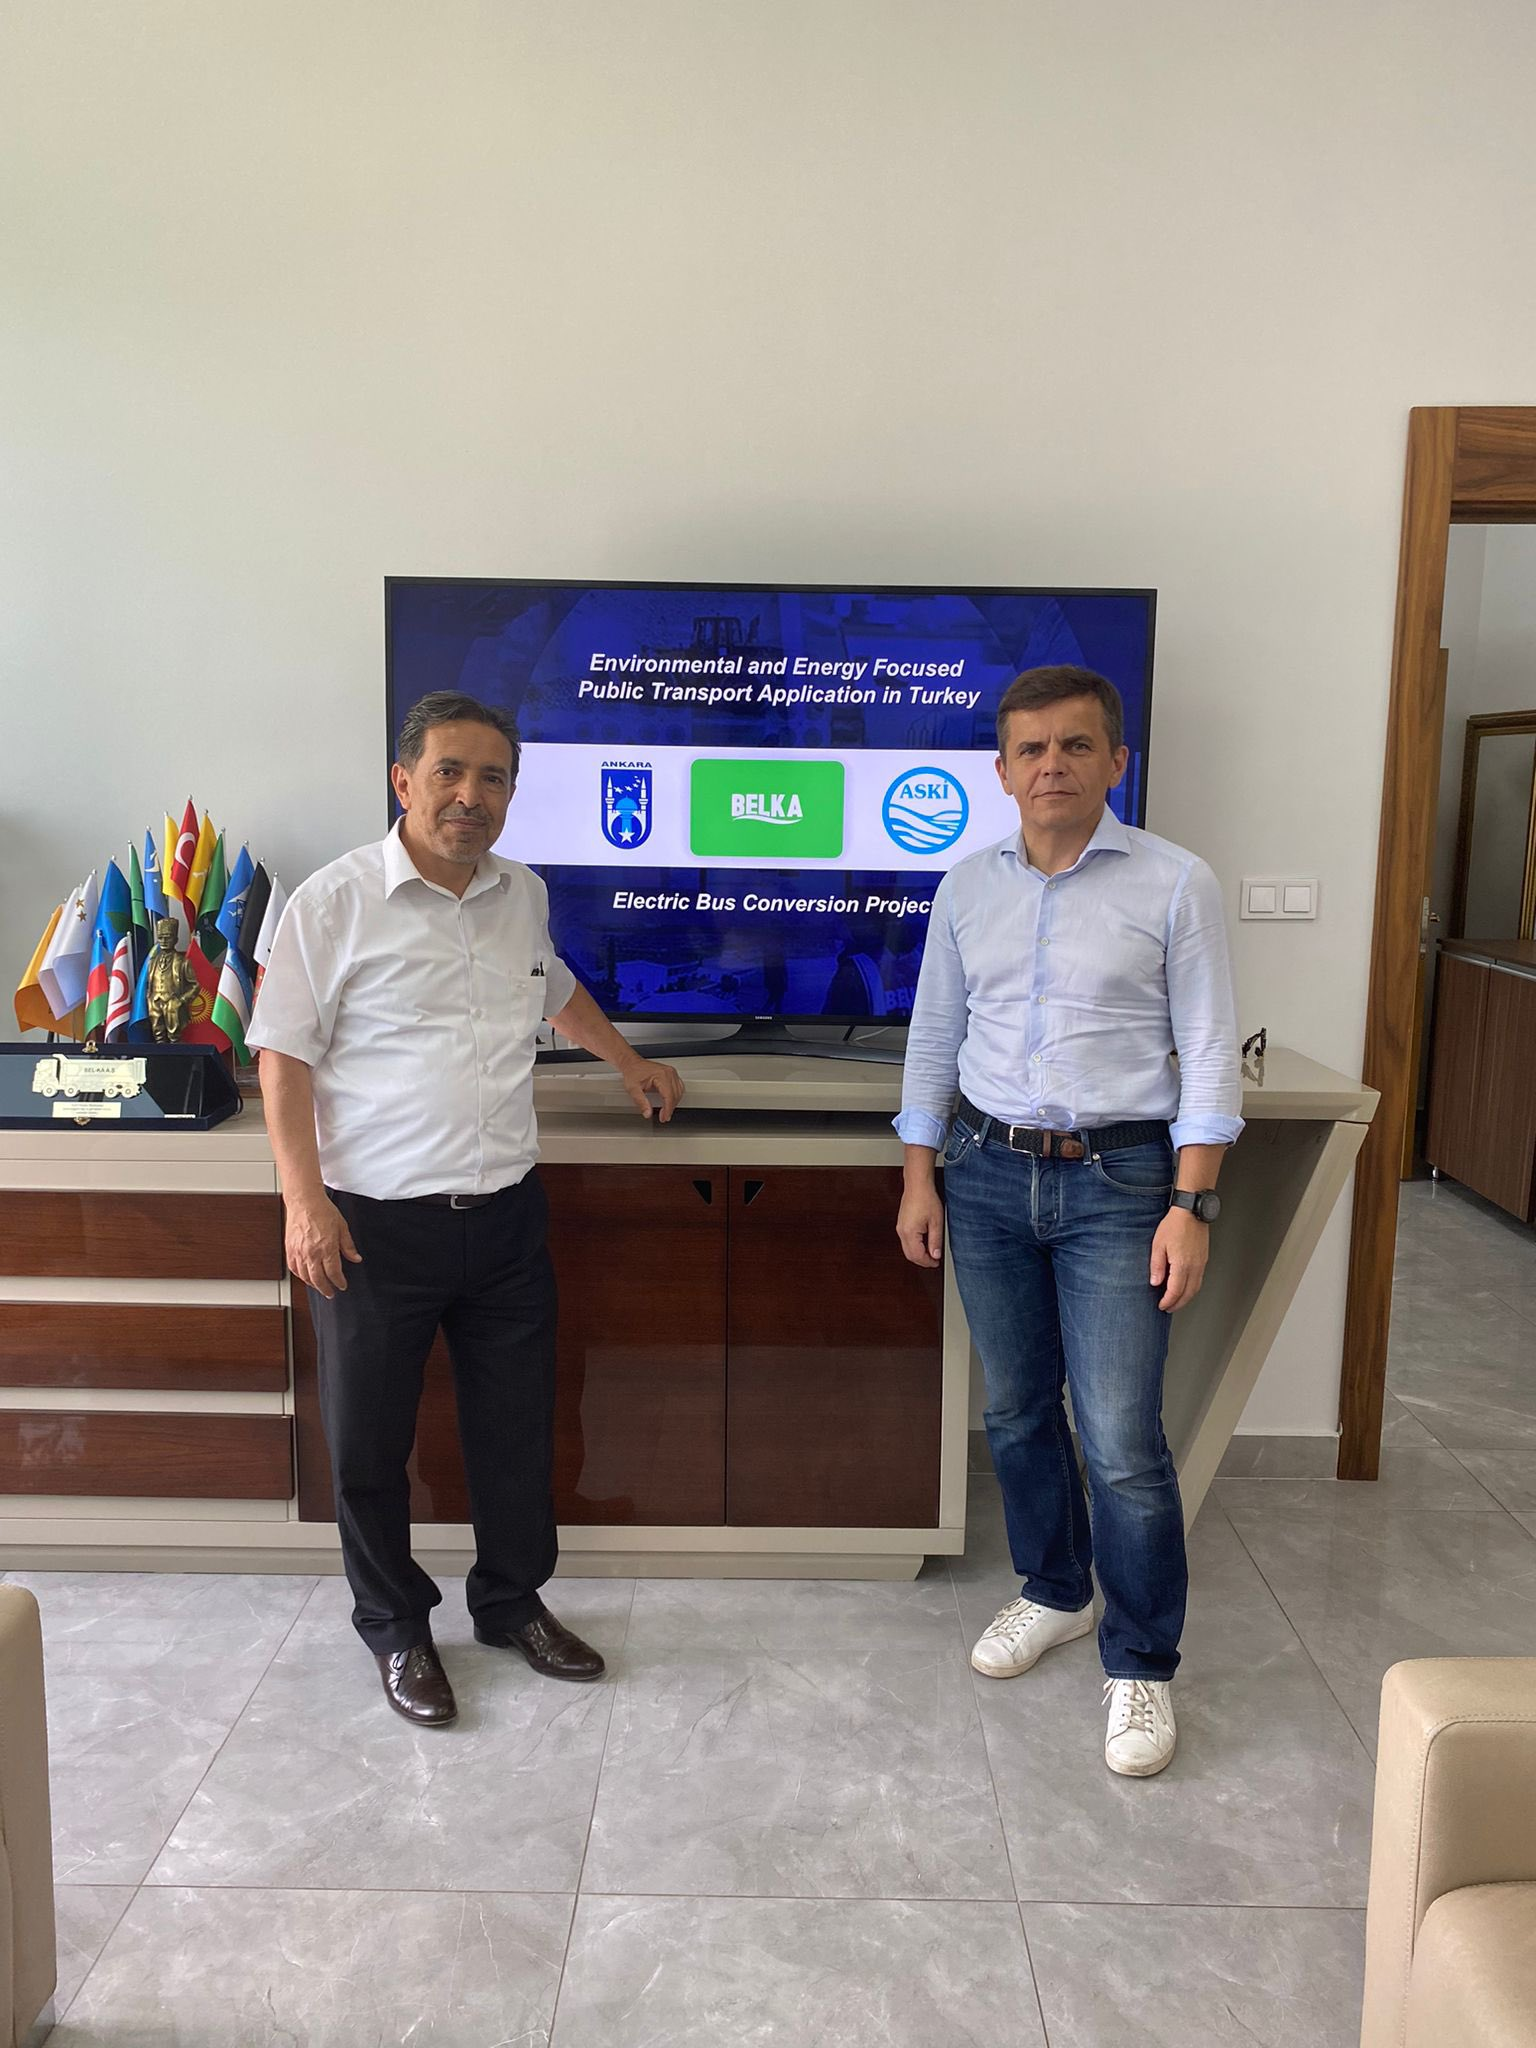 BELKA AŞ Genel Müdürümüz Sn. Dursun Çiçek ile Ukrayna Jitomir Belediye Bşk. Sn. Sergiy Sukhomlyn, Belediye Bşk. Yrd. ve teknik ekibi, Elektrikli Otobüs Dönüşüm Projesi'nin Ukrayna'daki iş birliği konusunda görüşme yaptı. 3